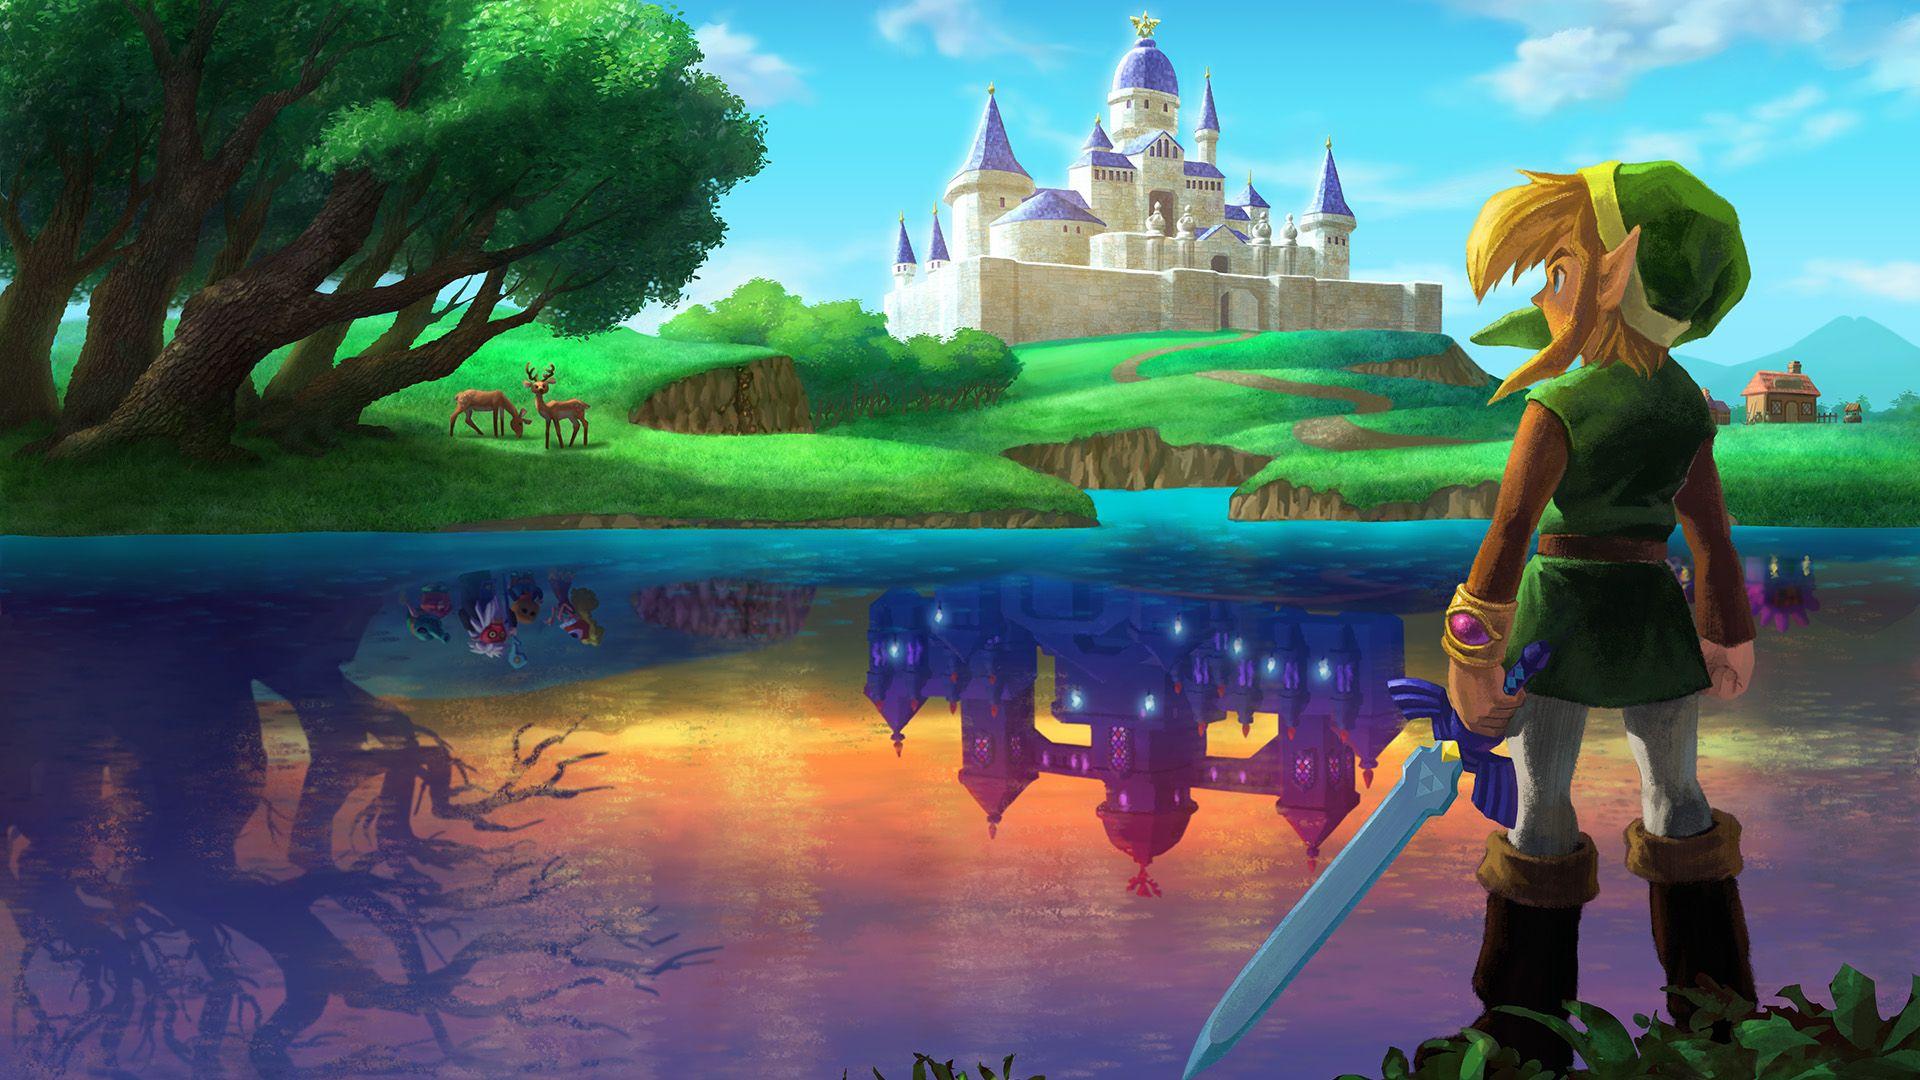 The Legend Of Zelda A Link Between Worlds Official Hd Wallpaper Zelda Albw 3ds Nintendo Legend Of Zelda Legend New Zelda